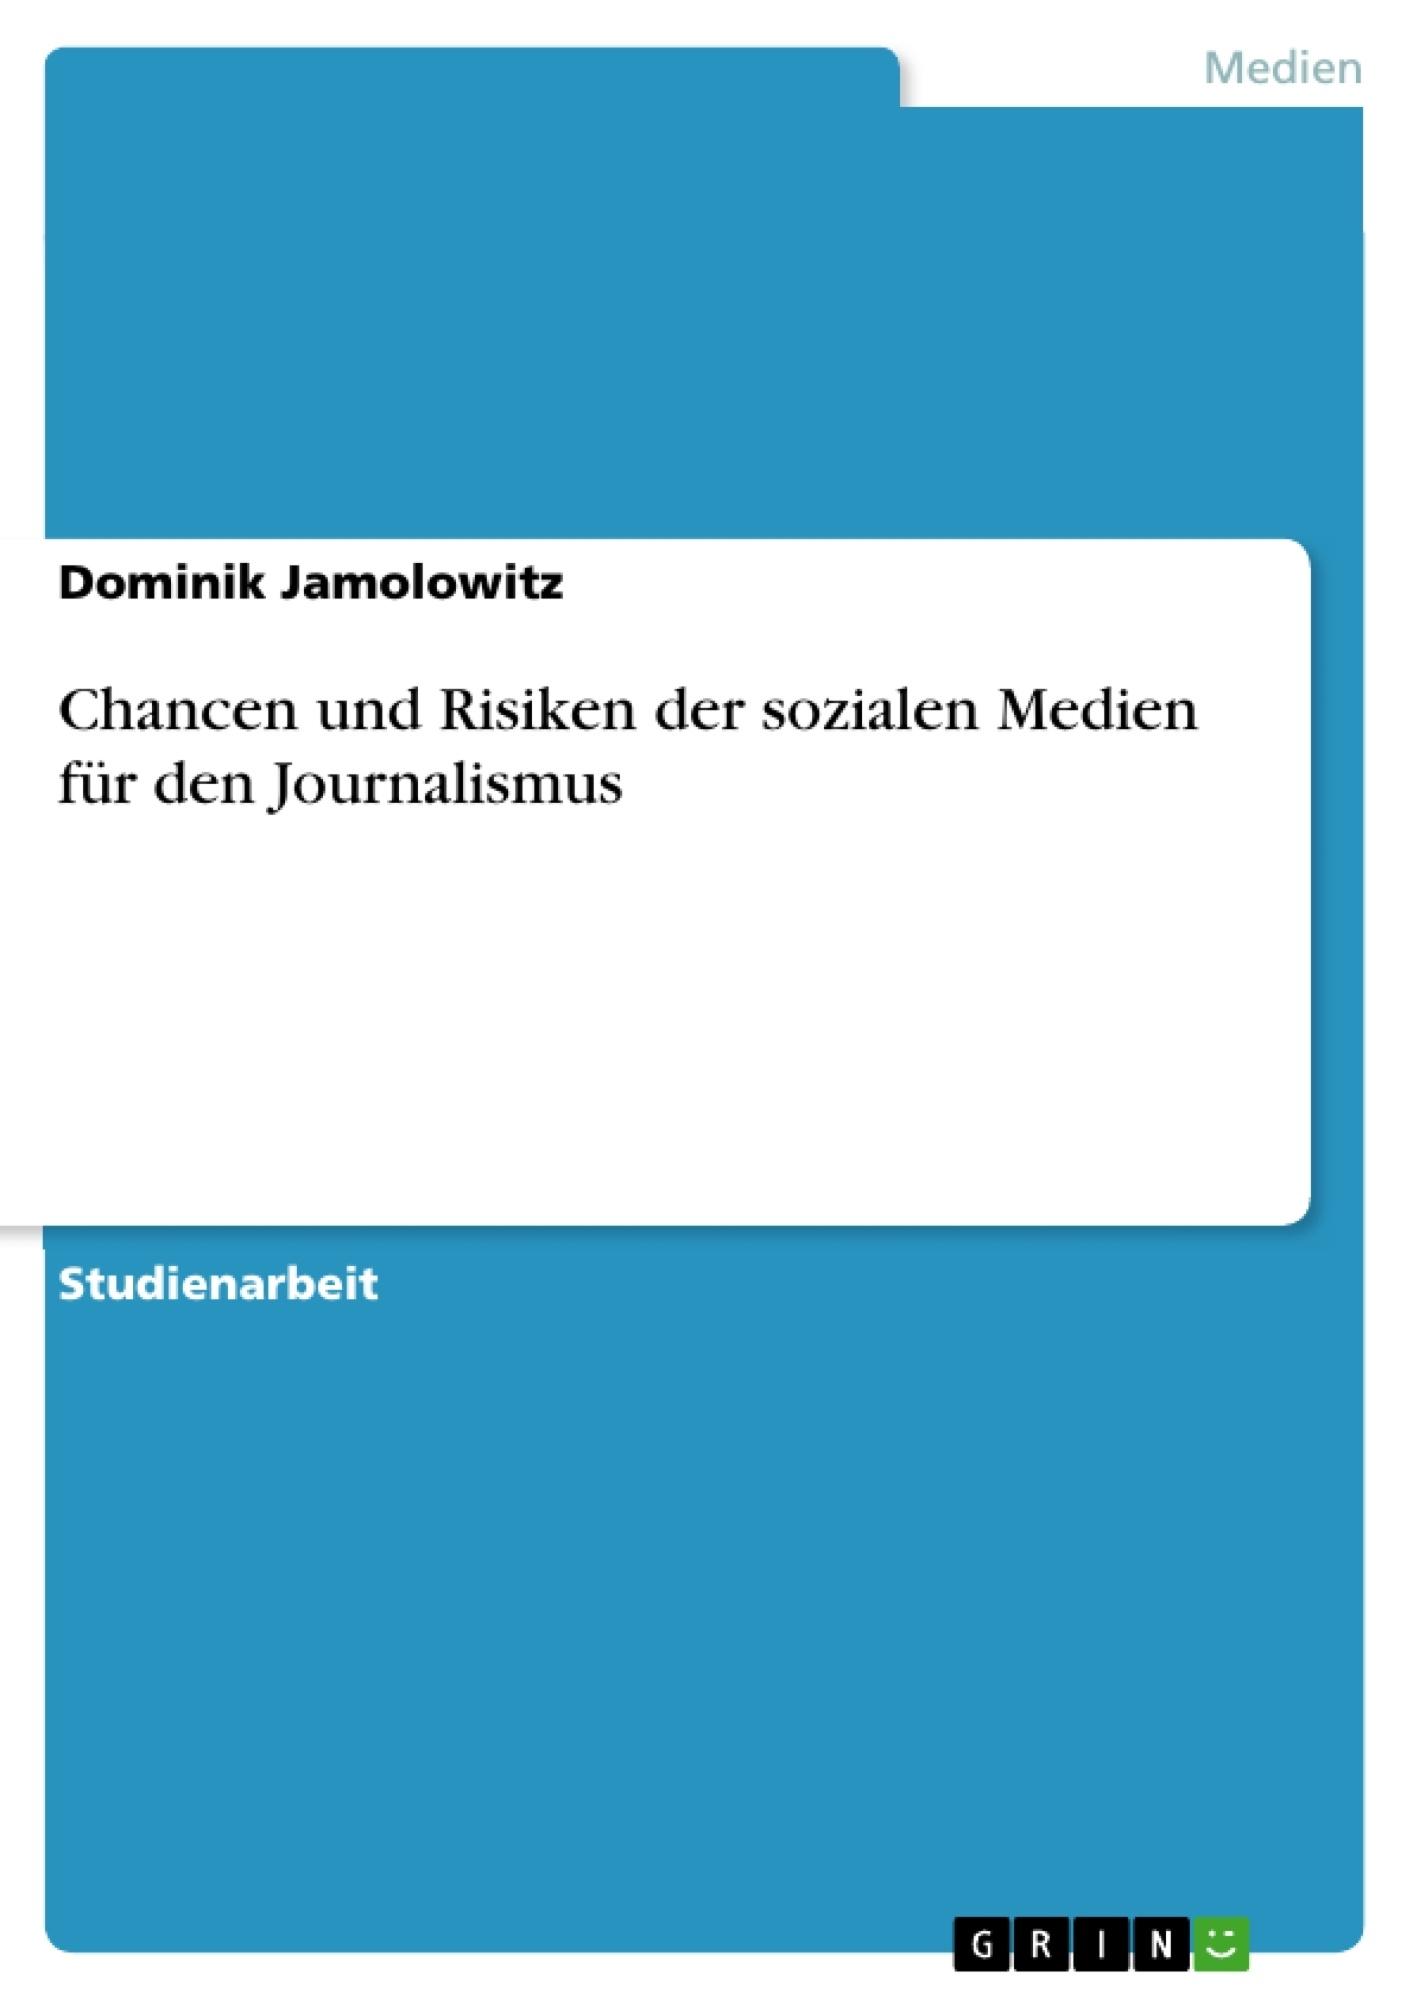 Titel: Chancen und Risiken der sozialen Medien für den Journalismus